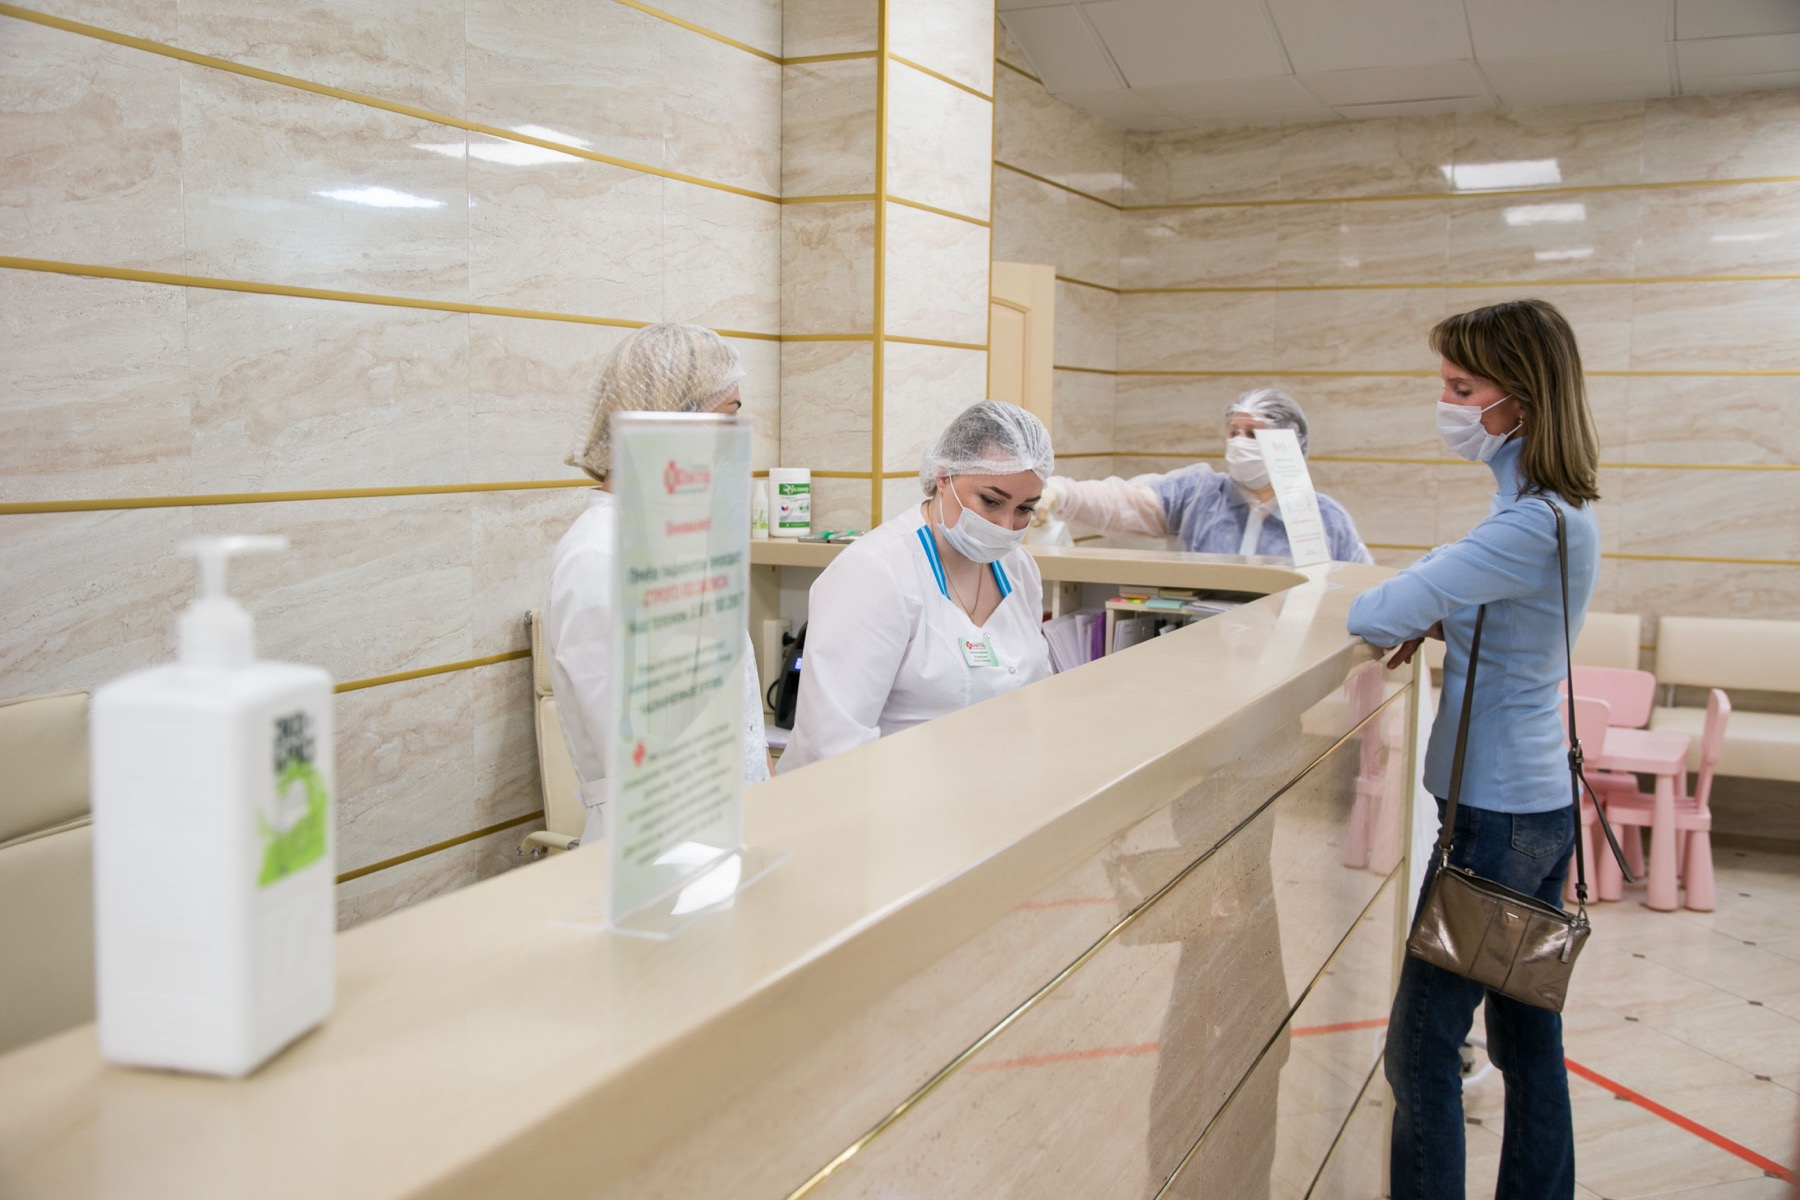 Новости Коломны   Коломенские предприятия работают с соблюдением санитарных норм Фото (Коломна)   iz zhizni kolomnyi